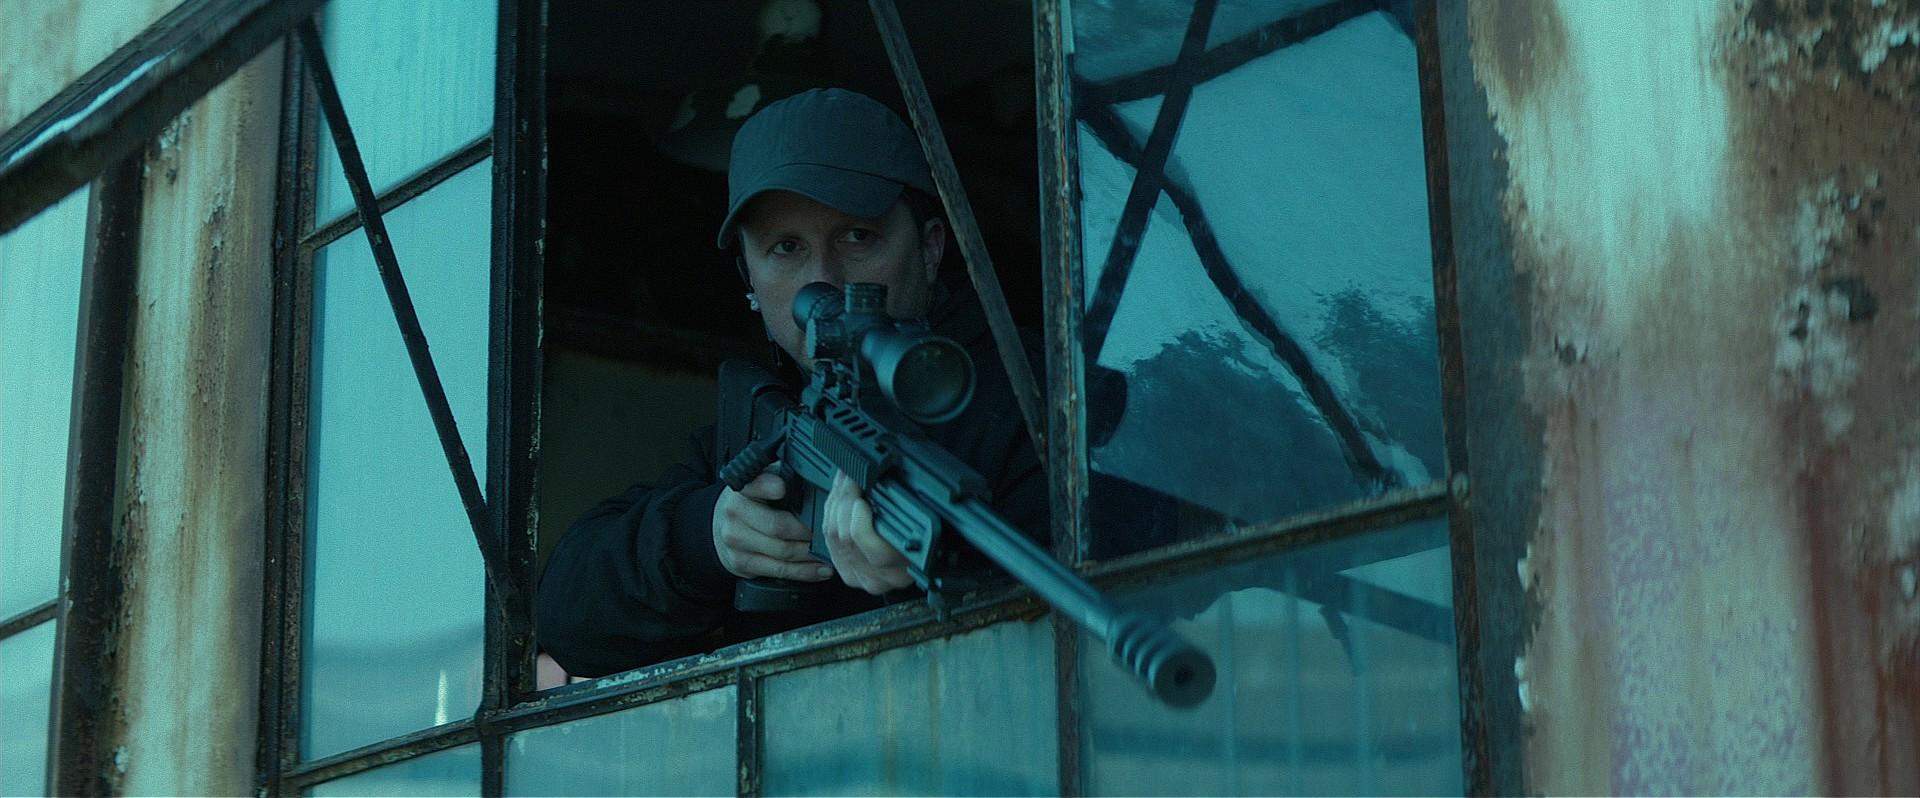 308 rifle in John Wick